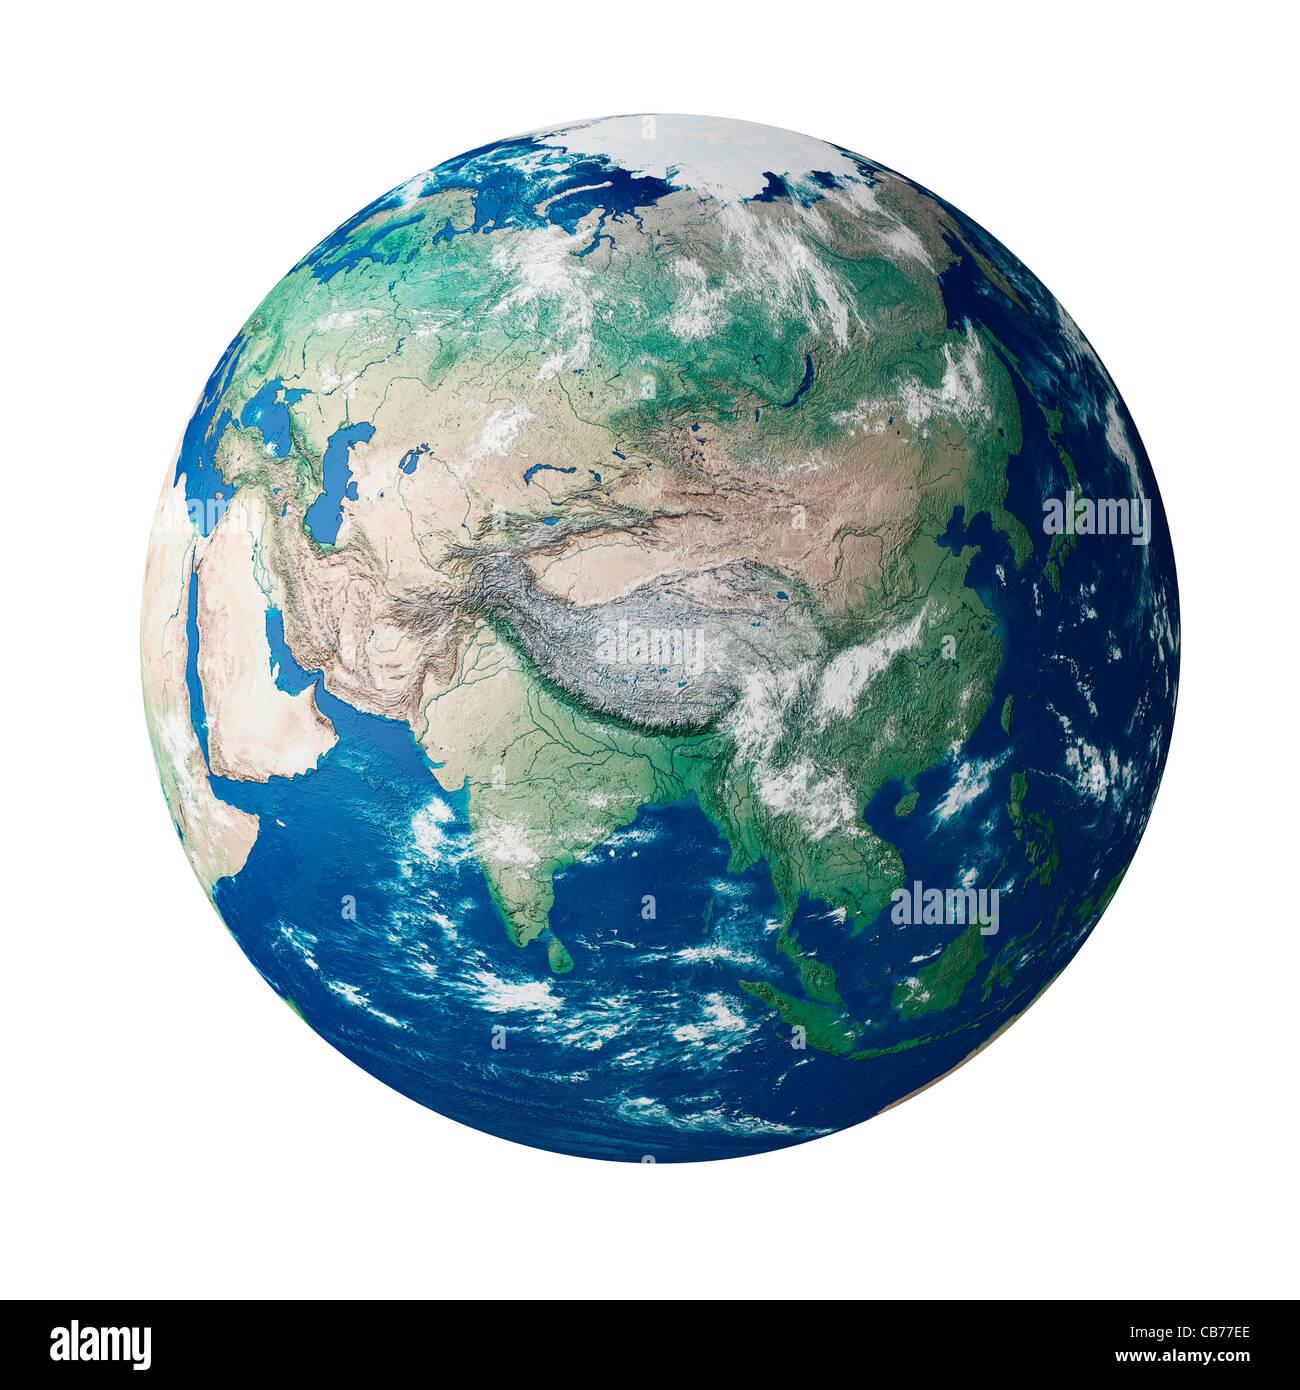 Mundo mostrando el continente de Asia en el planeta tierra Imagen De Stock